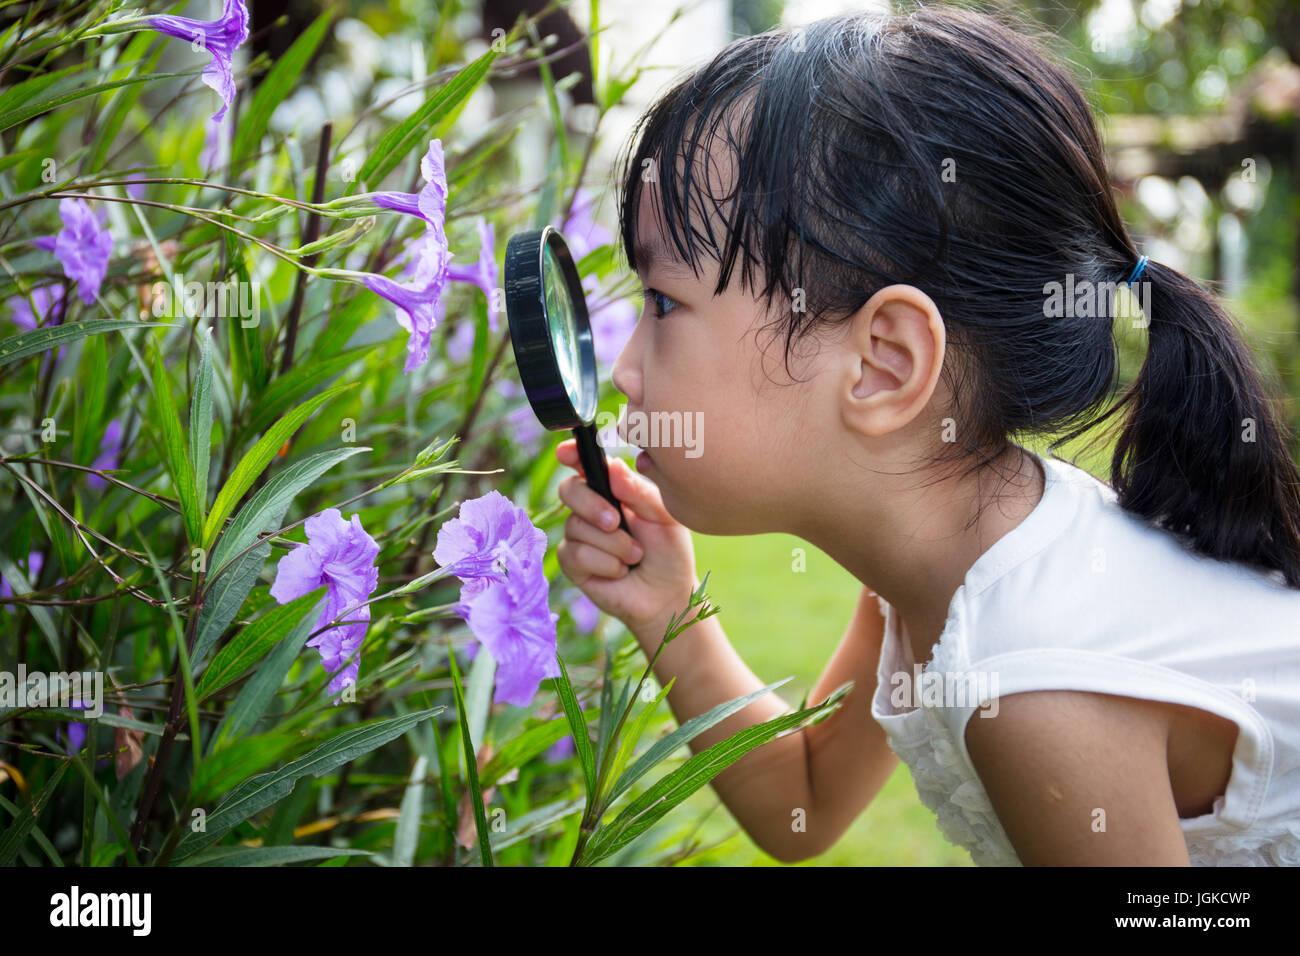 Cinese asiatici bambina guardando fiore attraverso una lente di ingrandimento nel giardino esterno Immagini Stock